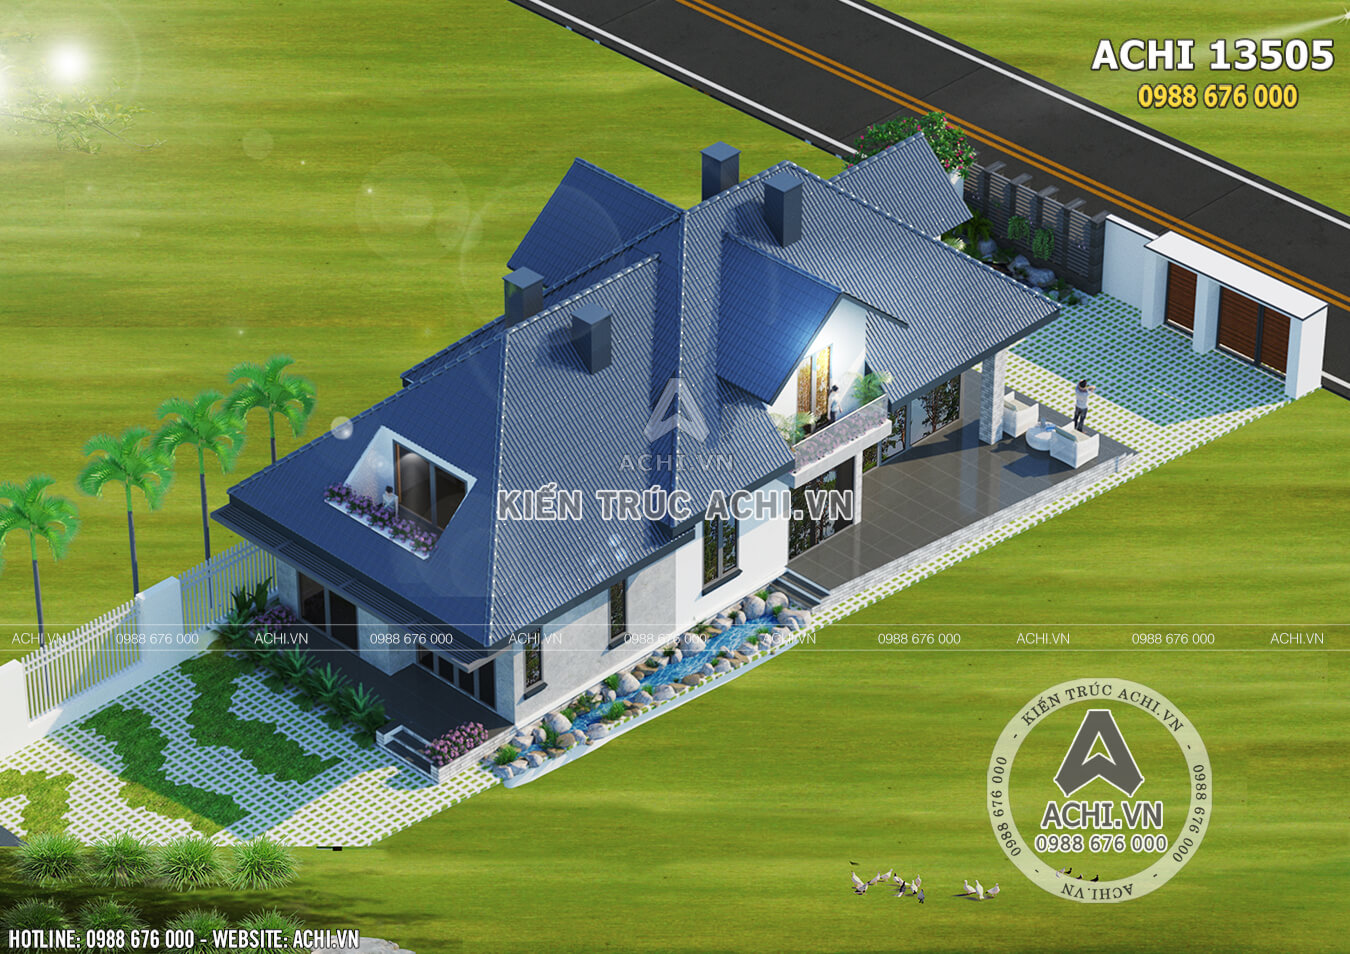 Hình ảnh: Mẫu nhà mái thái 1,5 tầng nhìn từ trên cao– ACHI 13505